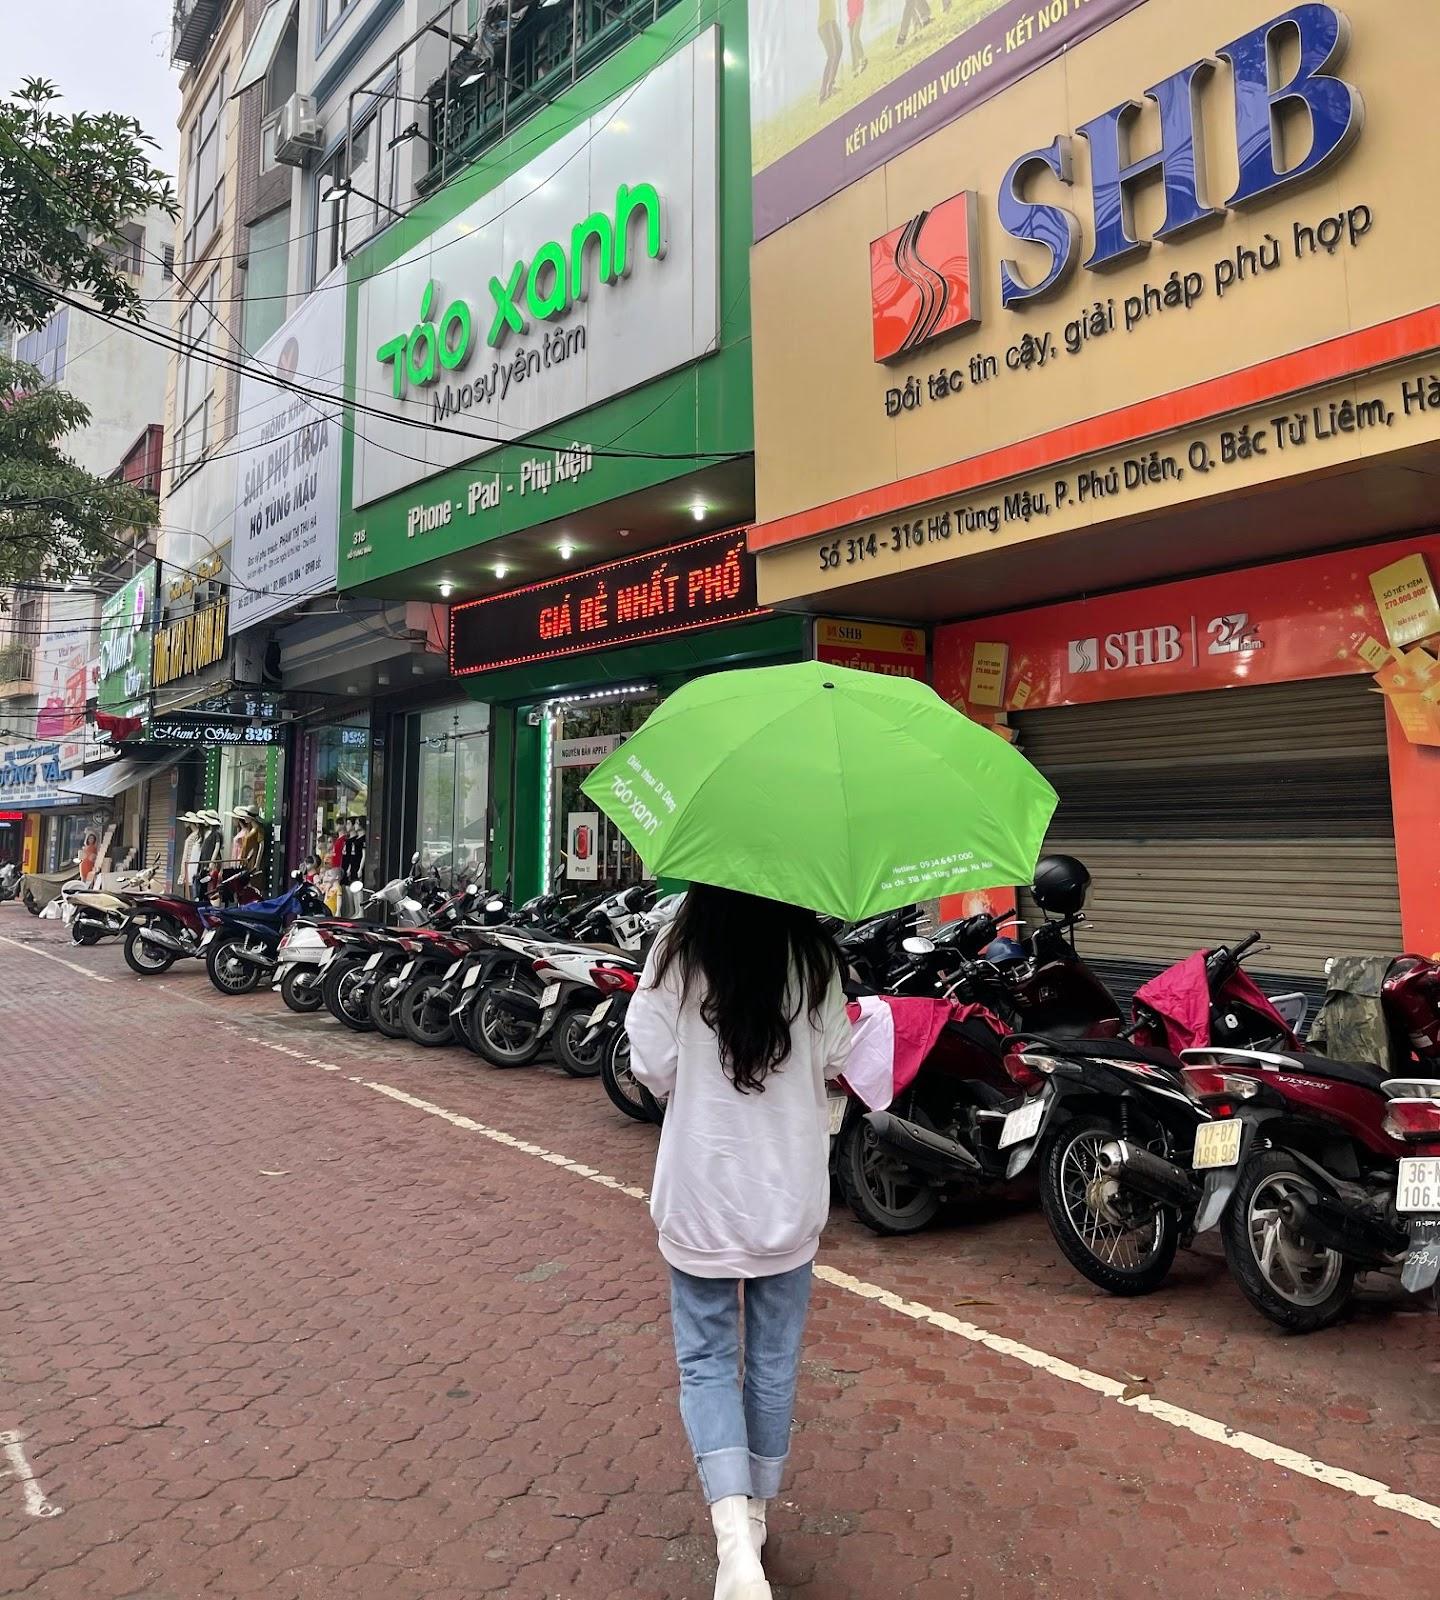 Táo Xanh hiện là một trong những cửa hàng điện thoại được ưa chuộng hàng đầu tại Hà Nội